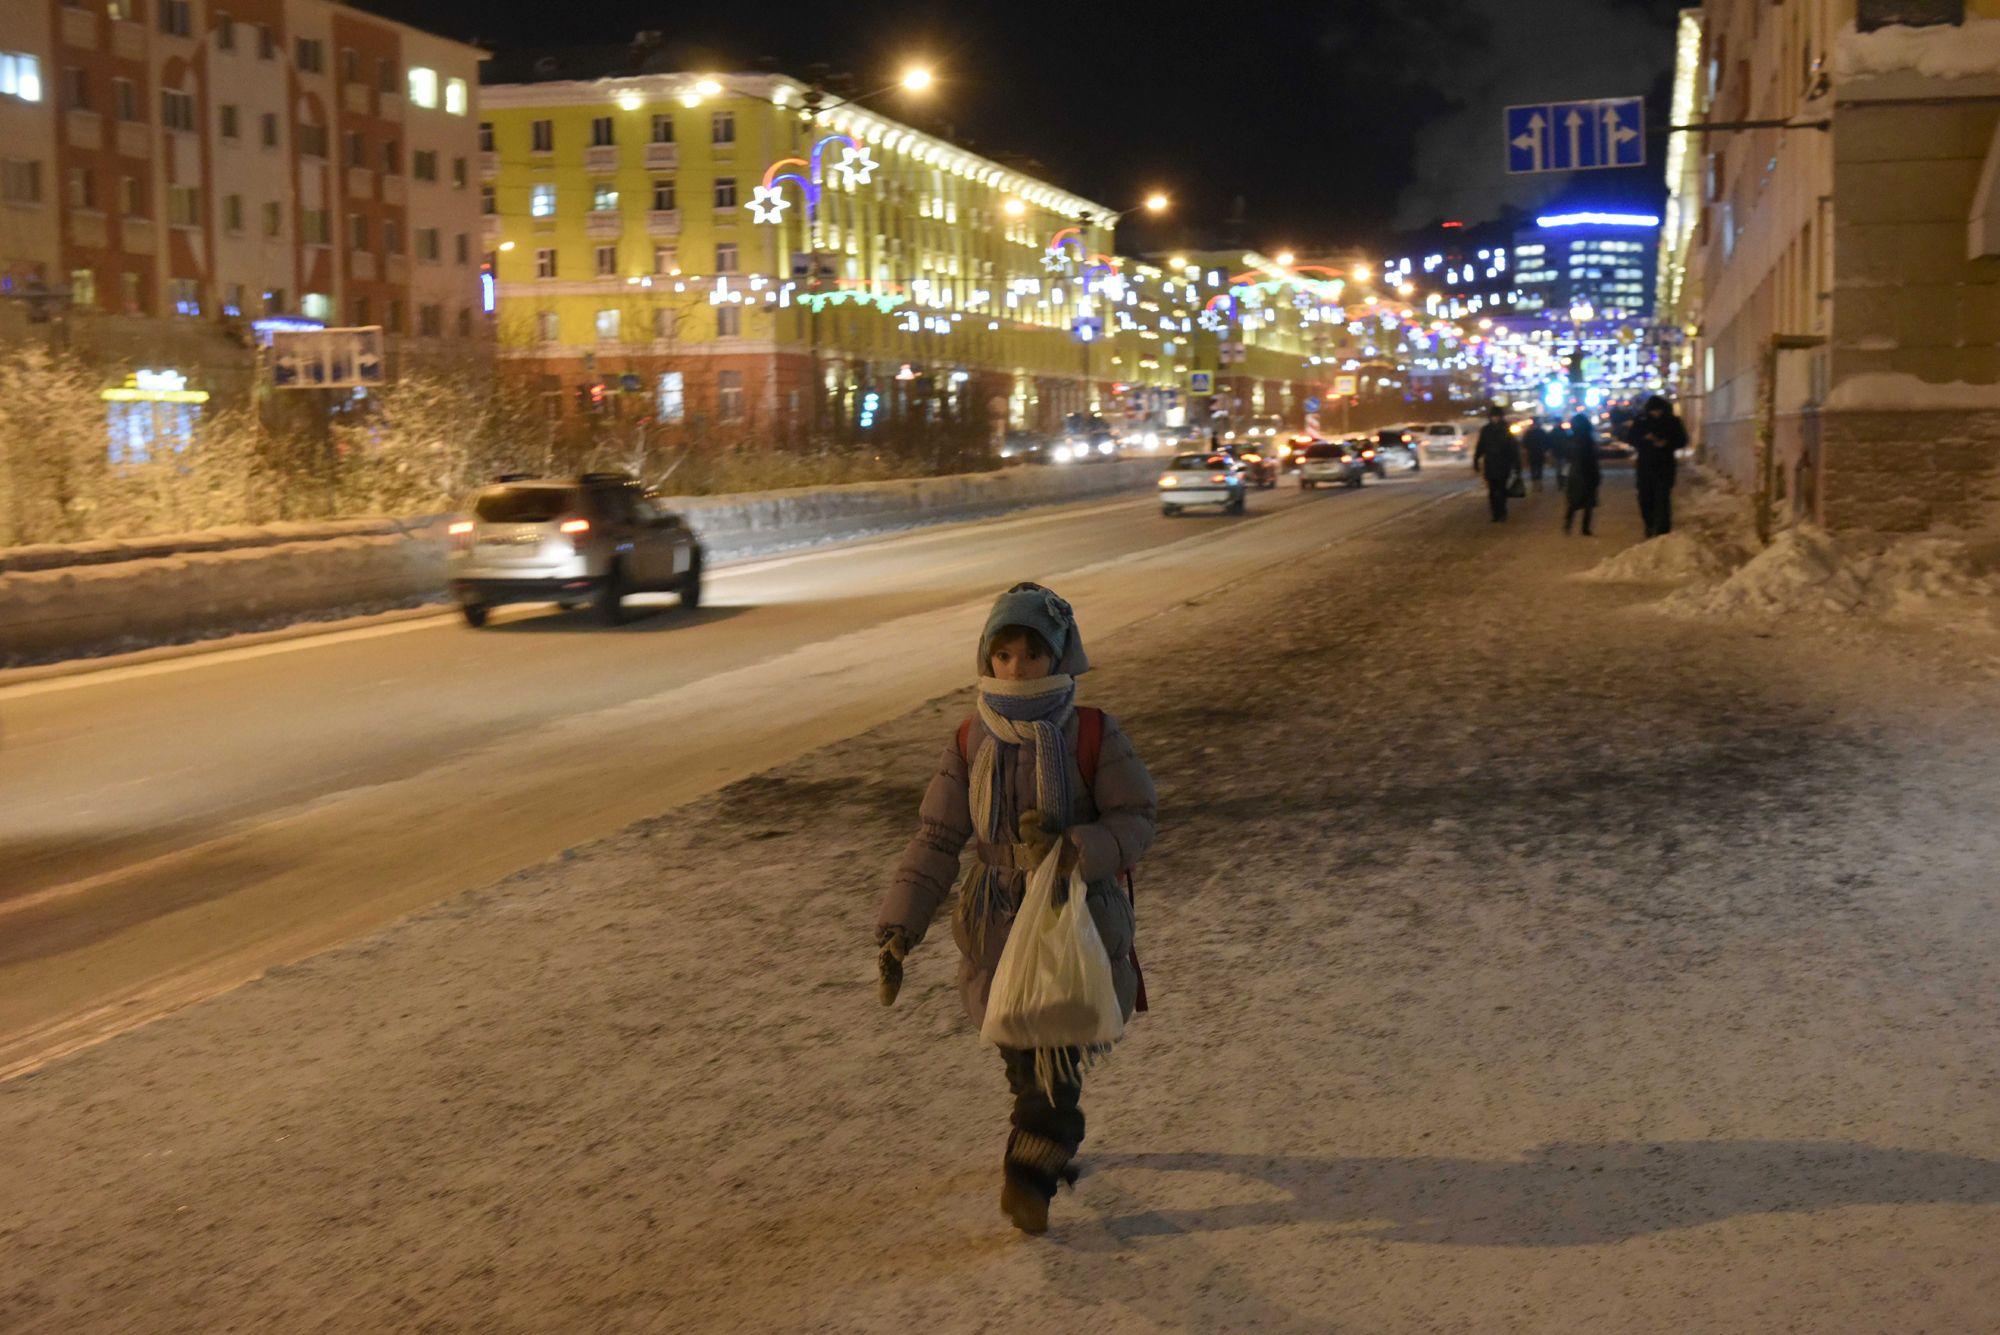 """Норильск занимает вторую строчку онлайн-голосования за право принять героев программы """"Орел и решка"""""""